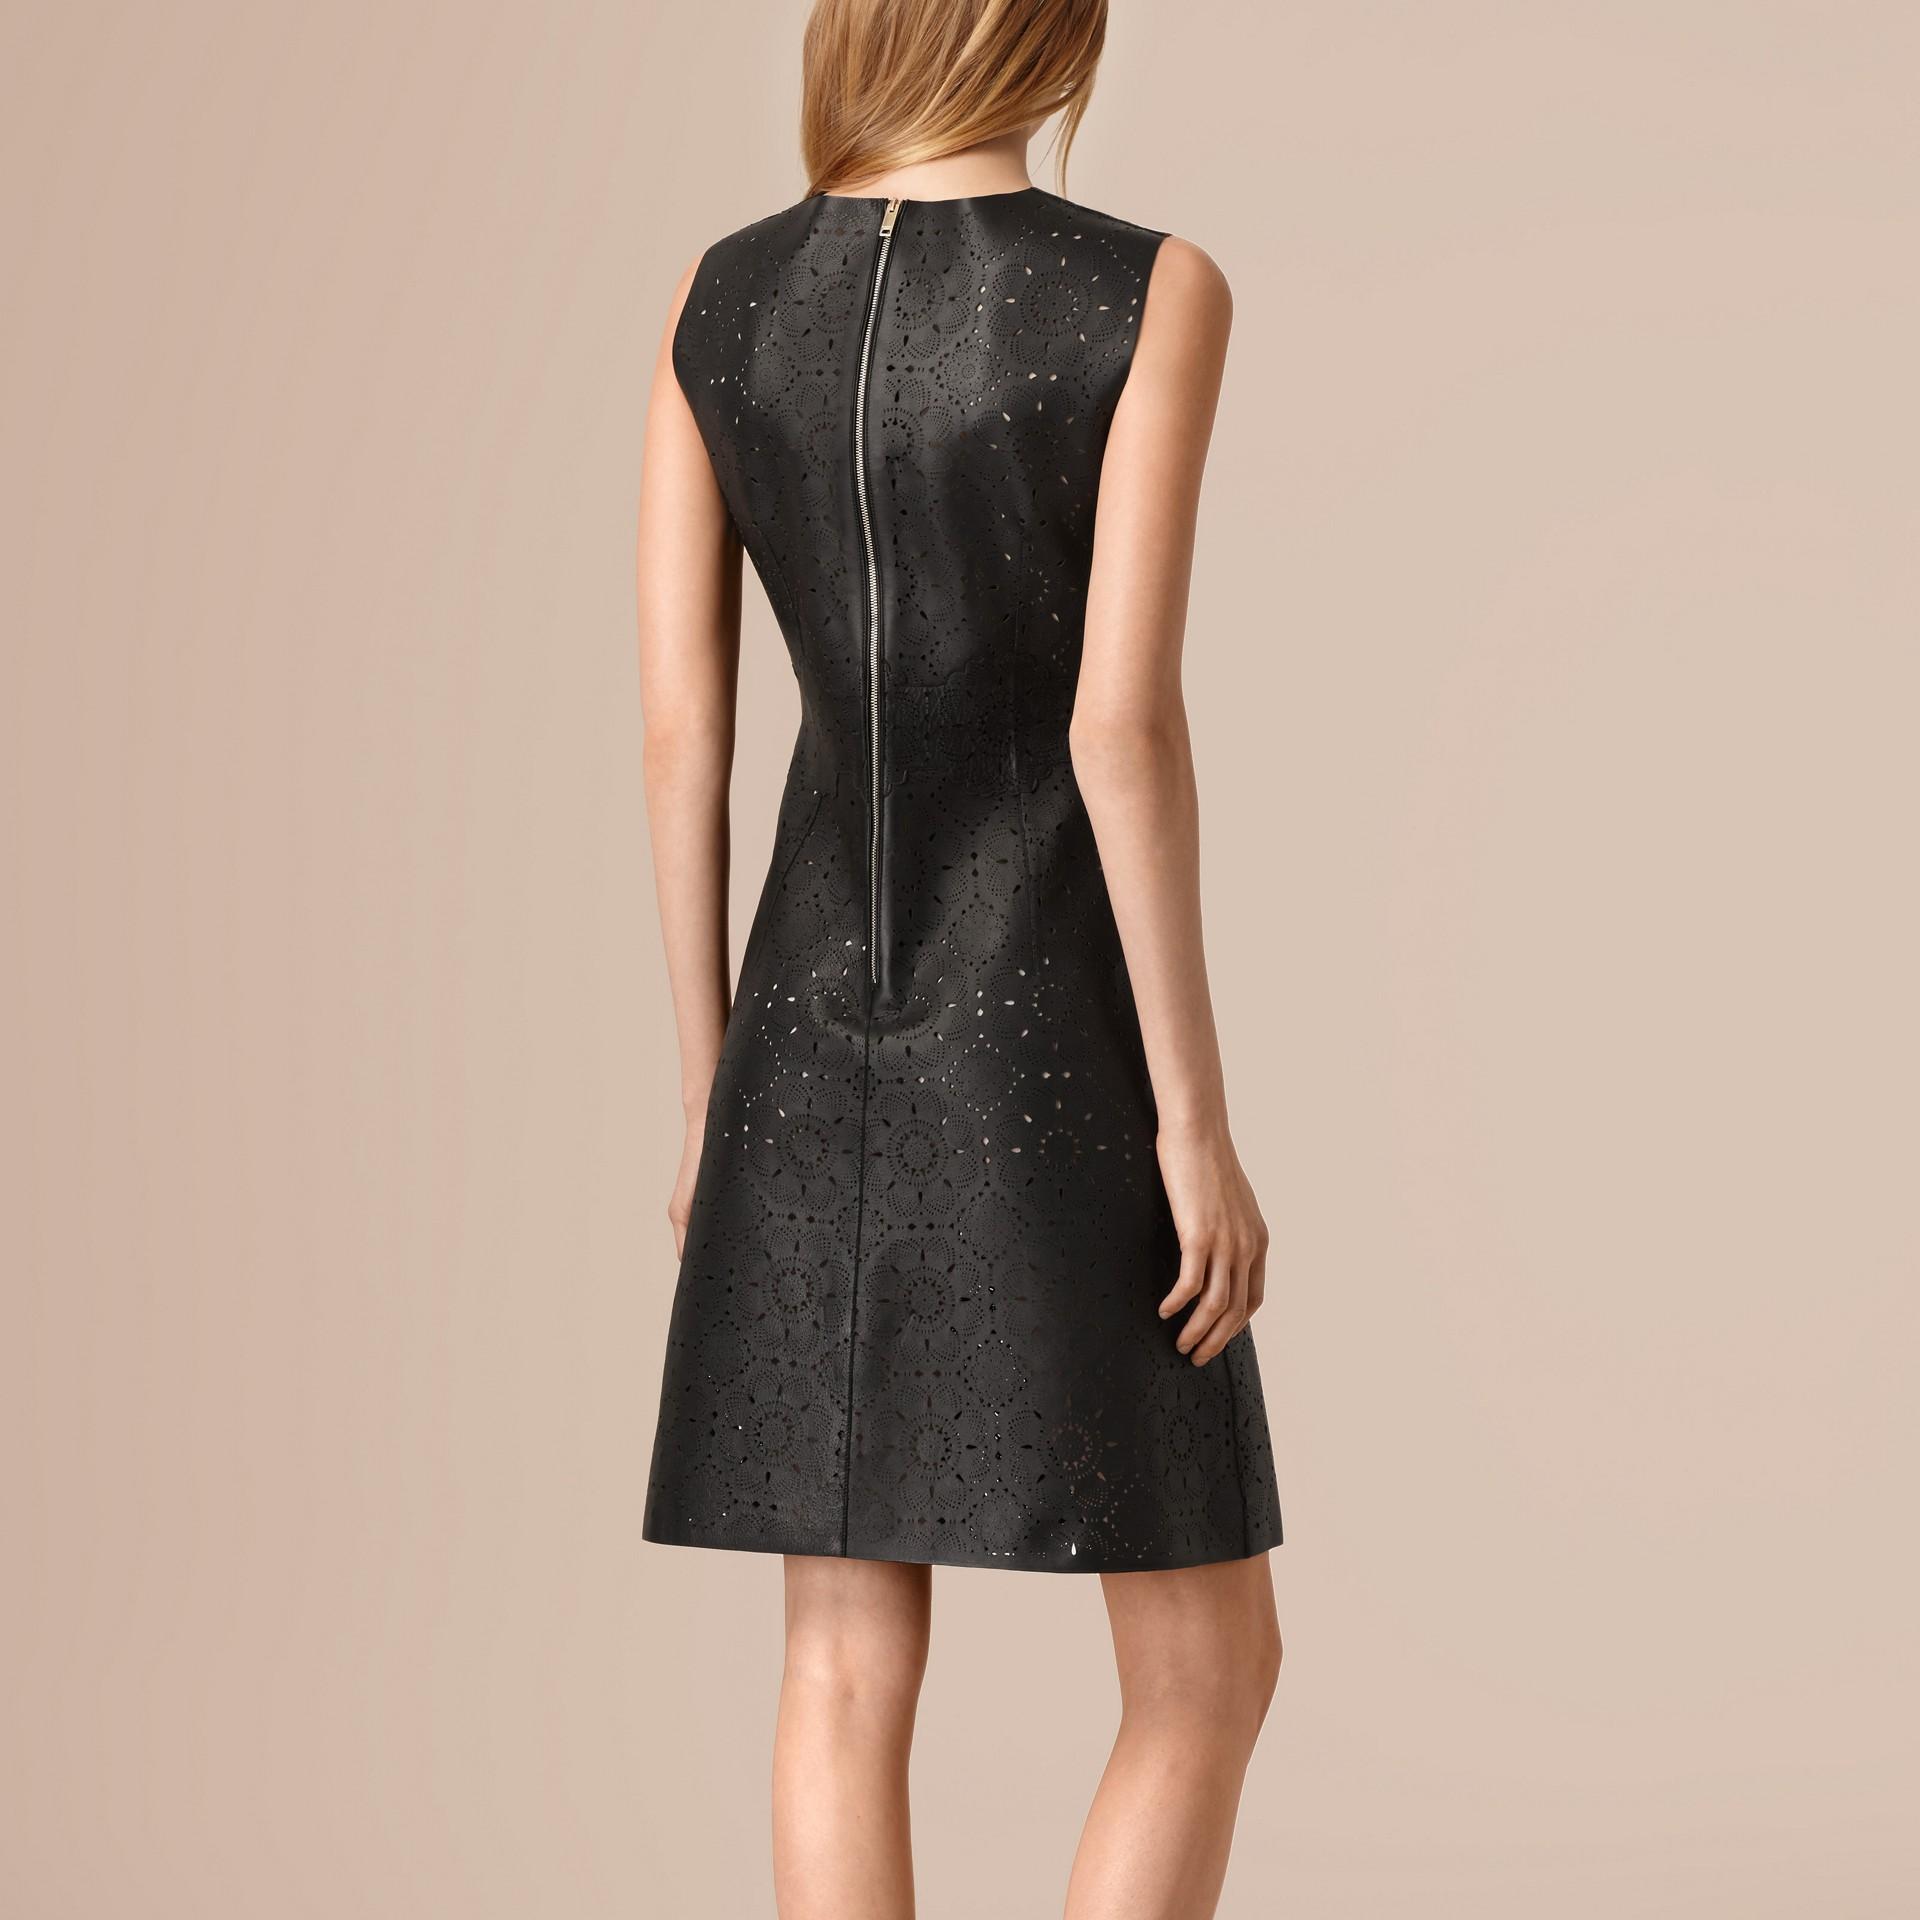 Черный Платье из кожи с эффектом кружева - изображение 2